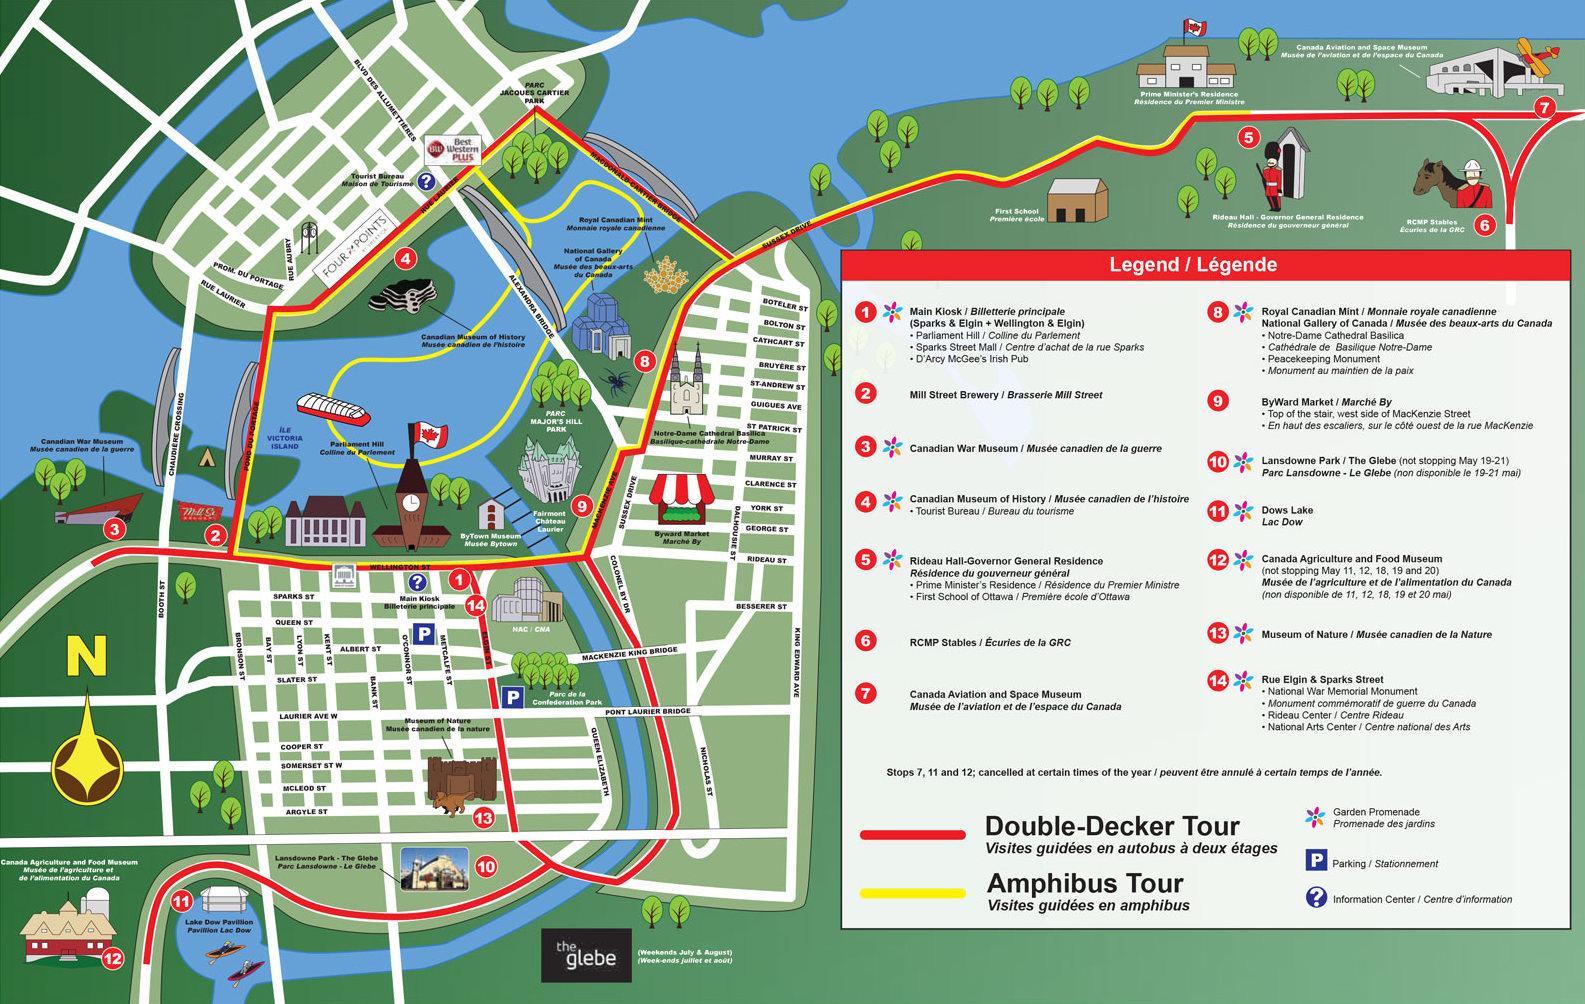 12655-brochure-reprint-amphibus-tour-inside-pages-v2.jpg